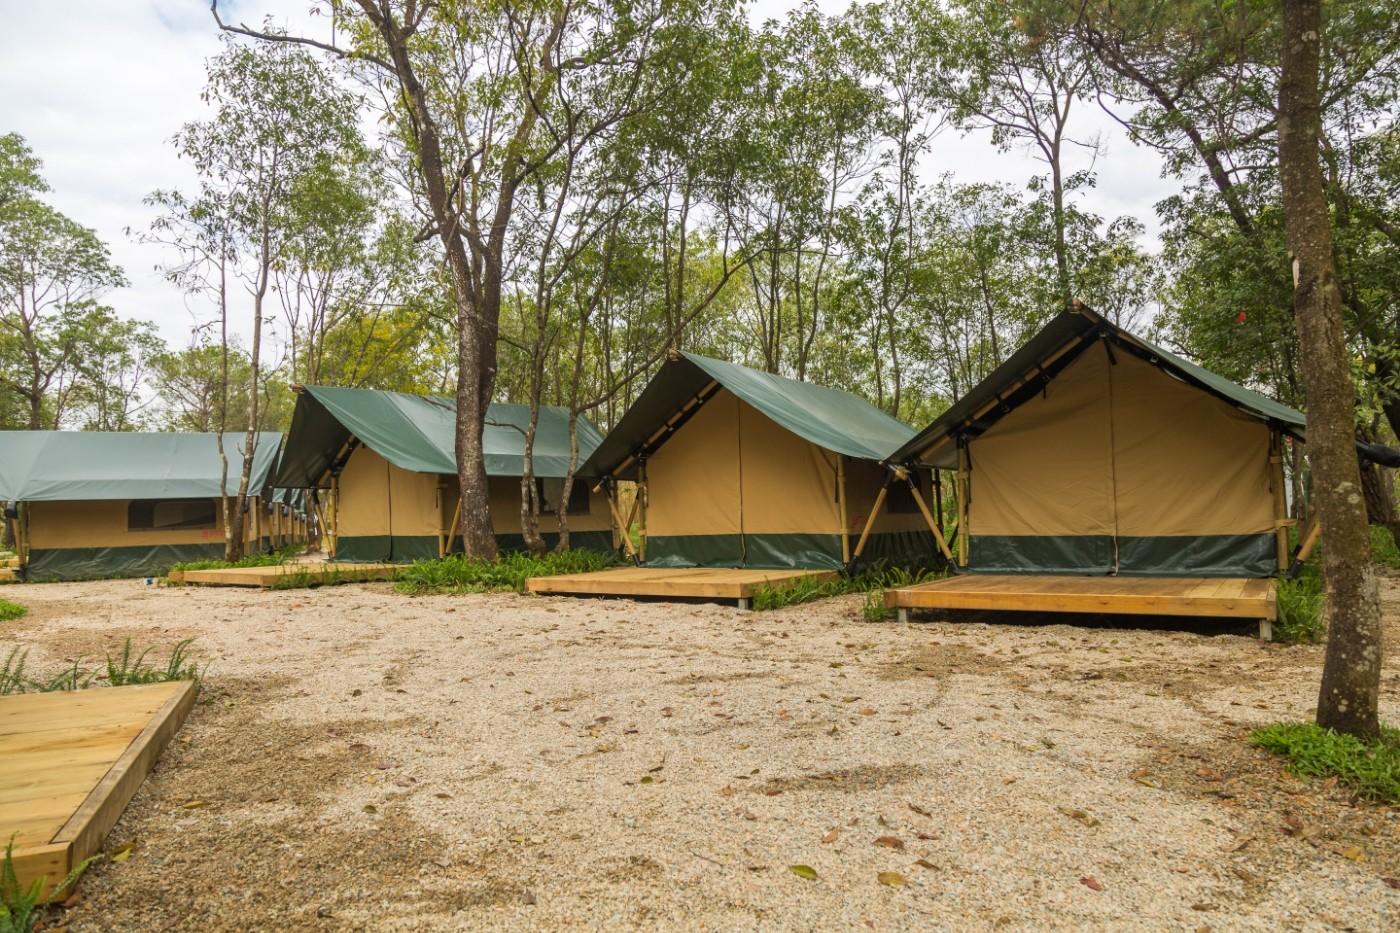 喜马拉雅青少年教育营地—广州和营天下平地帐篷酒店6